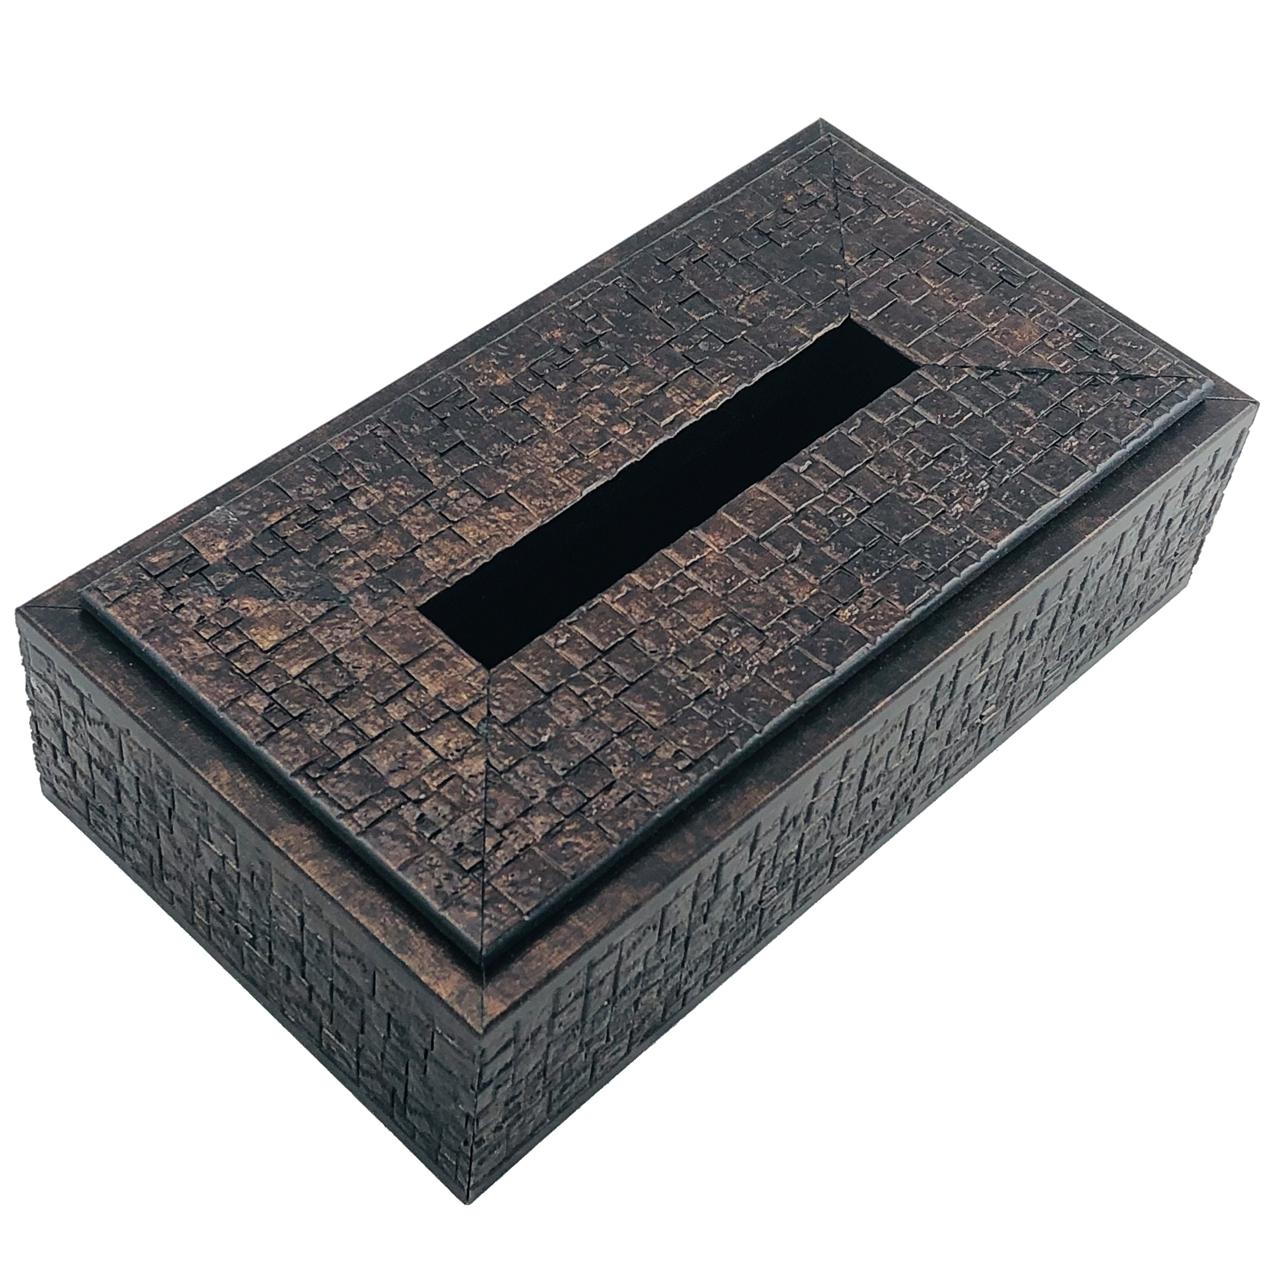 عکس جعبه دستمال کاغذی کد 3373